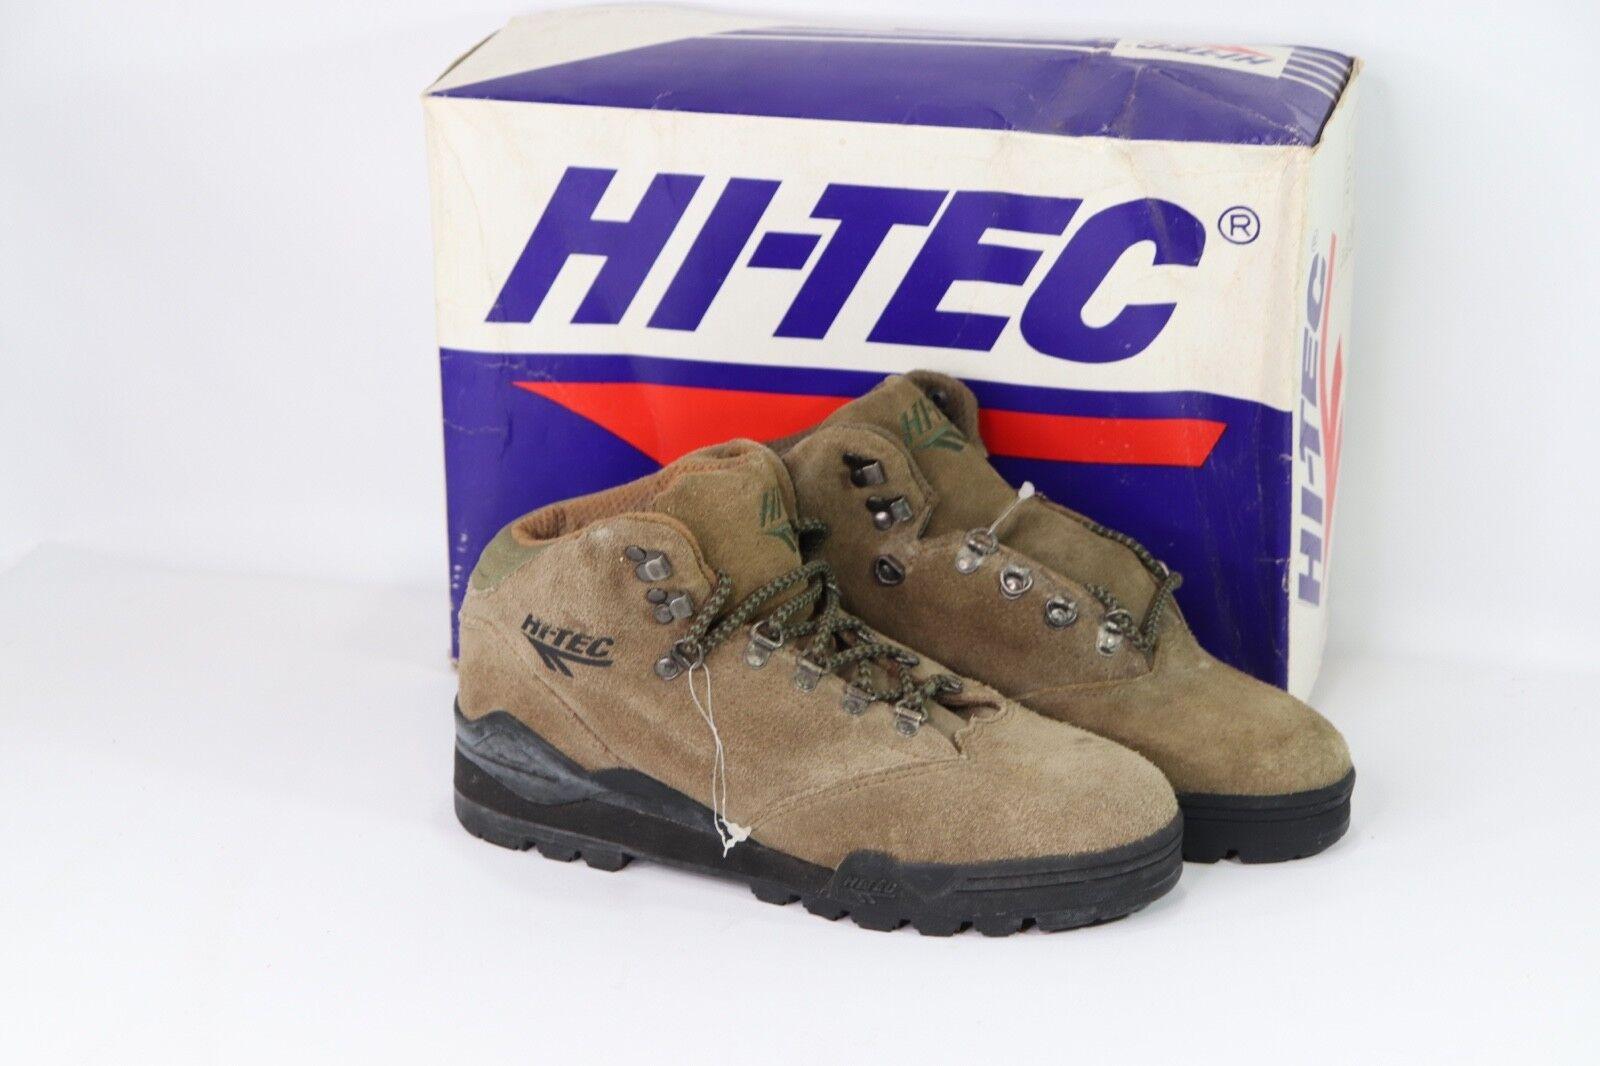 Vintage 90s Nuevo Hi Tec Para Mujer Dama 8.5 Alpine botas para excursionismo al aire libre de cuero de gamuza